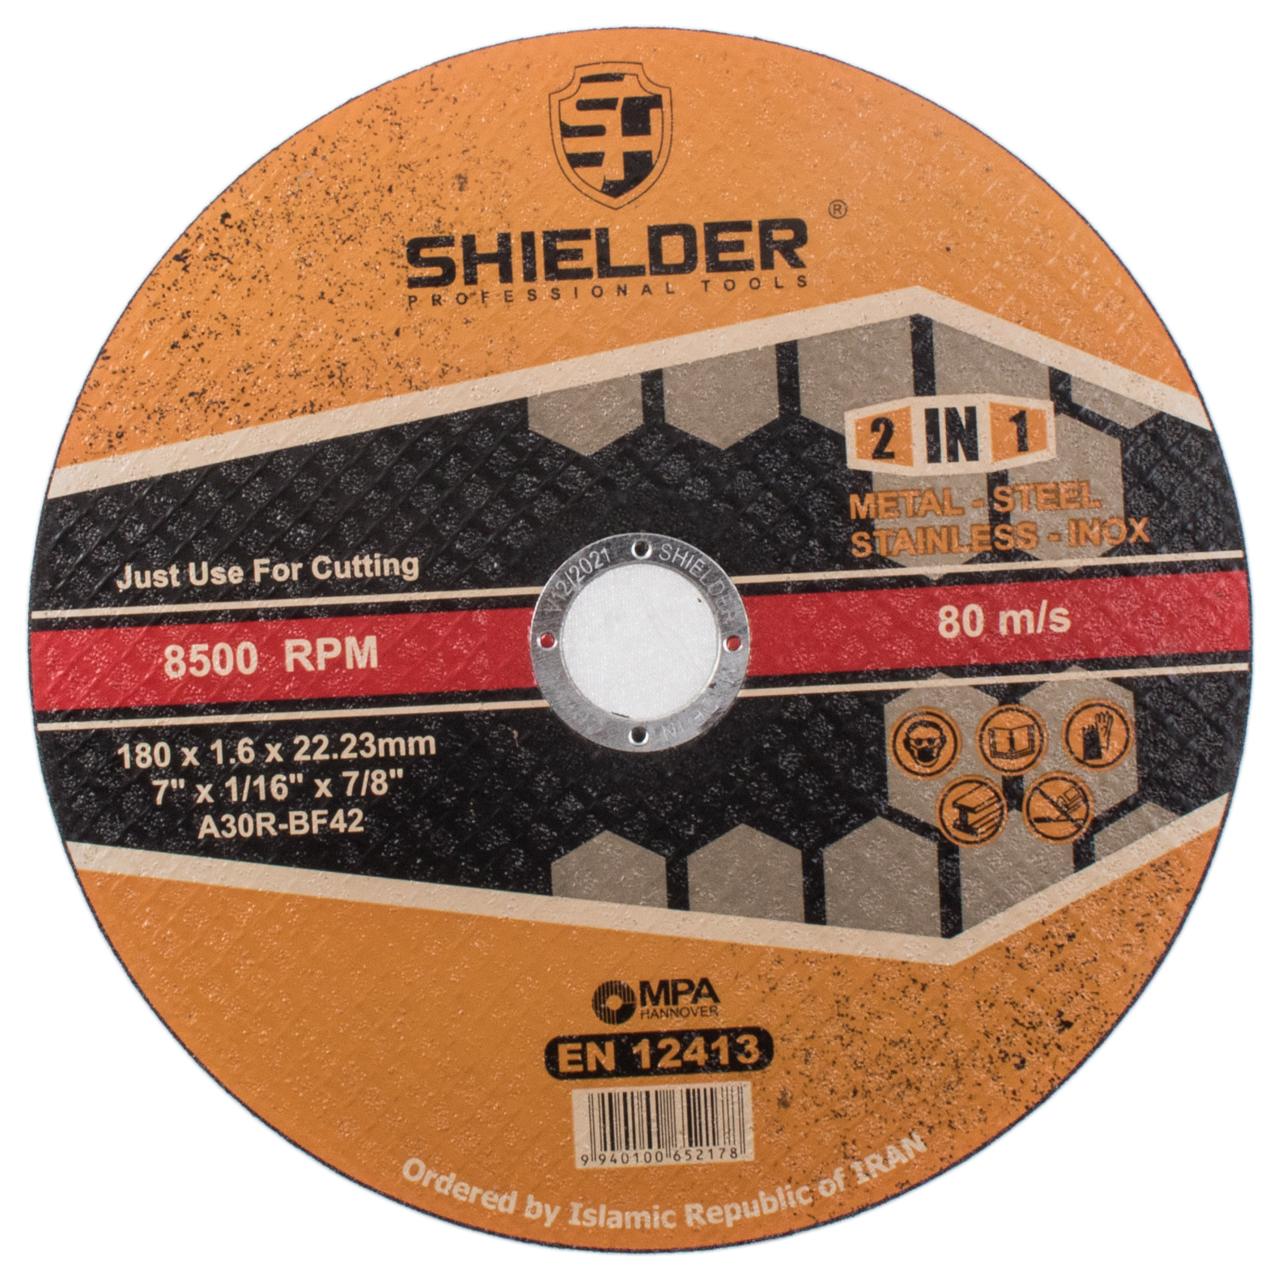 صفحه سنگ برش شیلدر  مدل SH18016-100 بسته 100 عددی